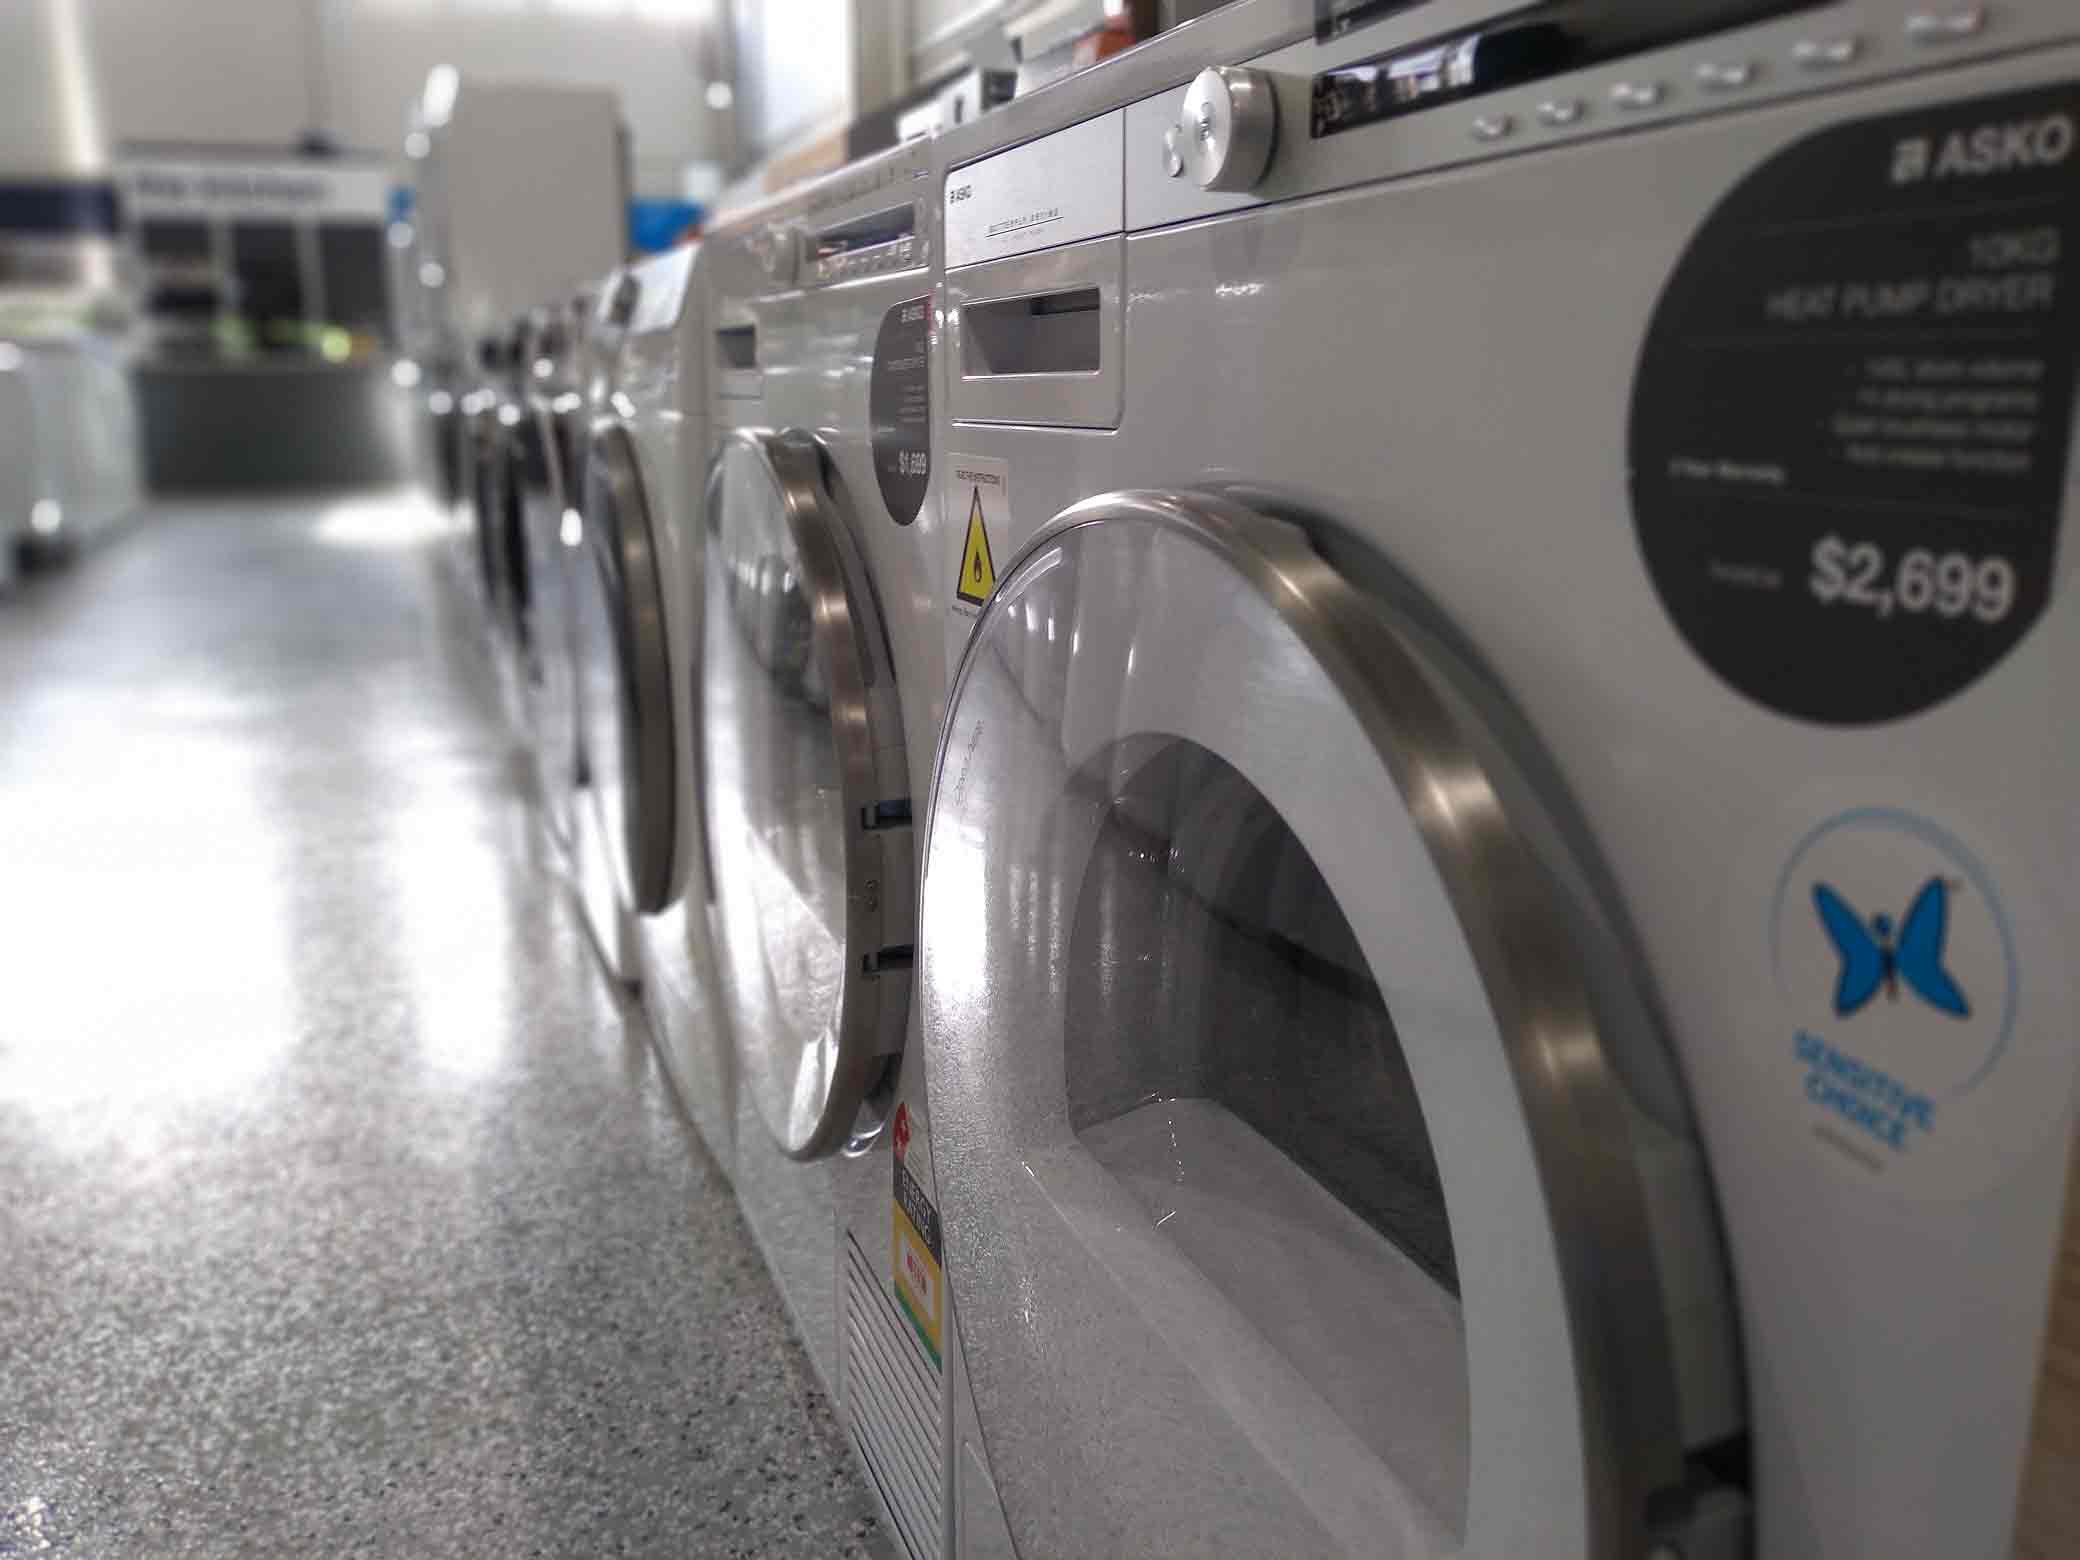 2021 Underwood Washers